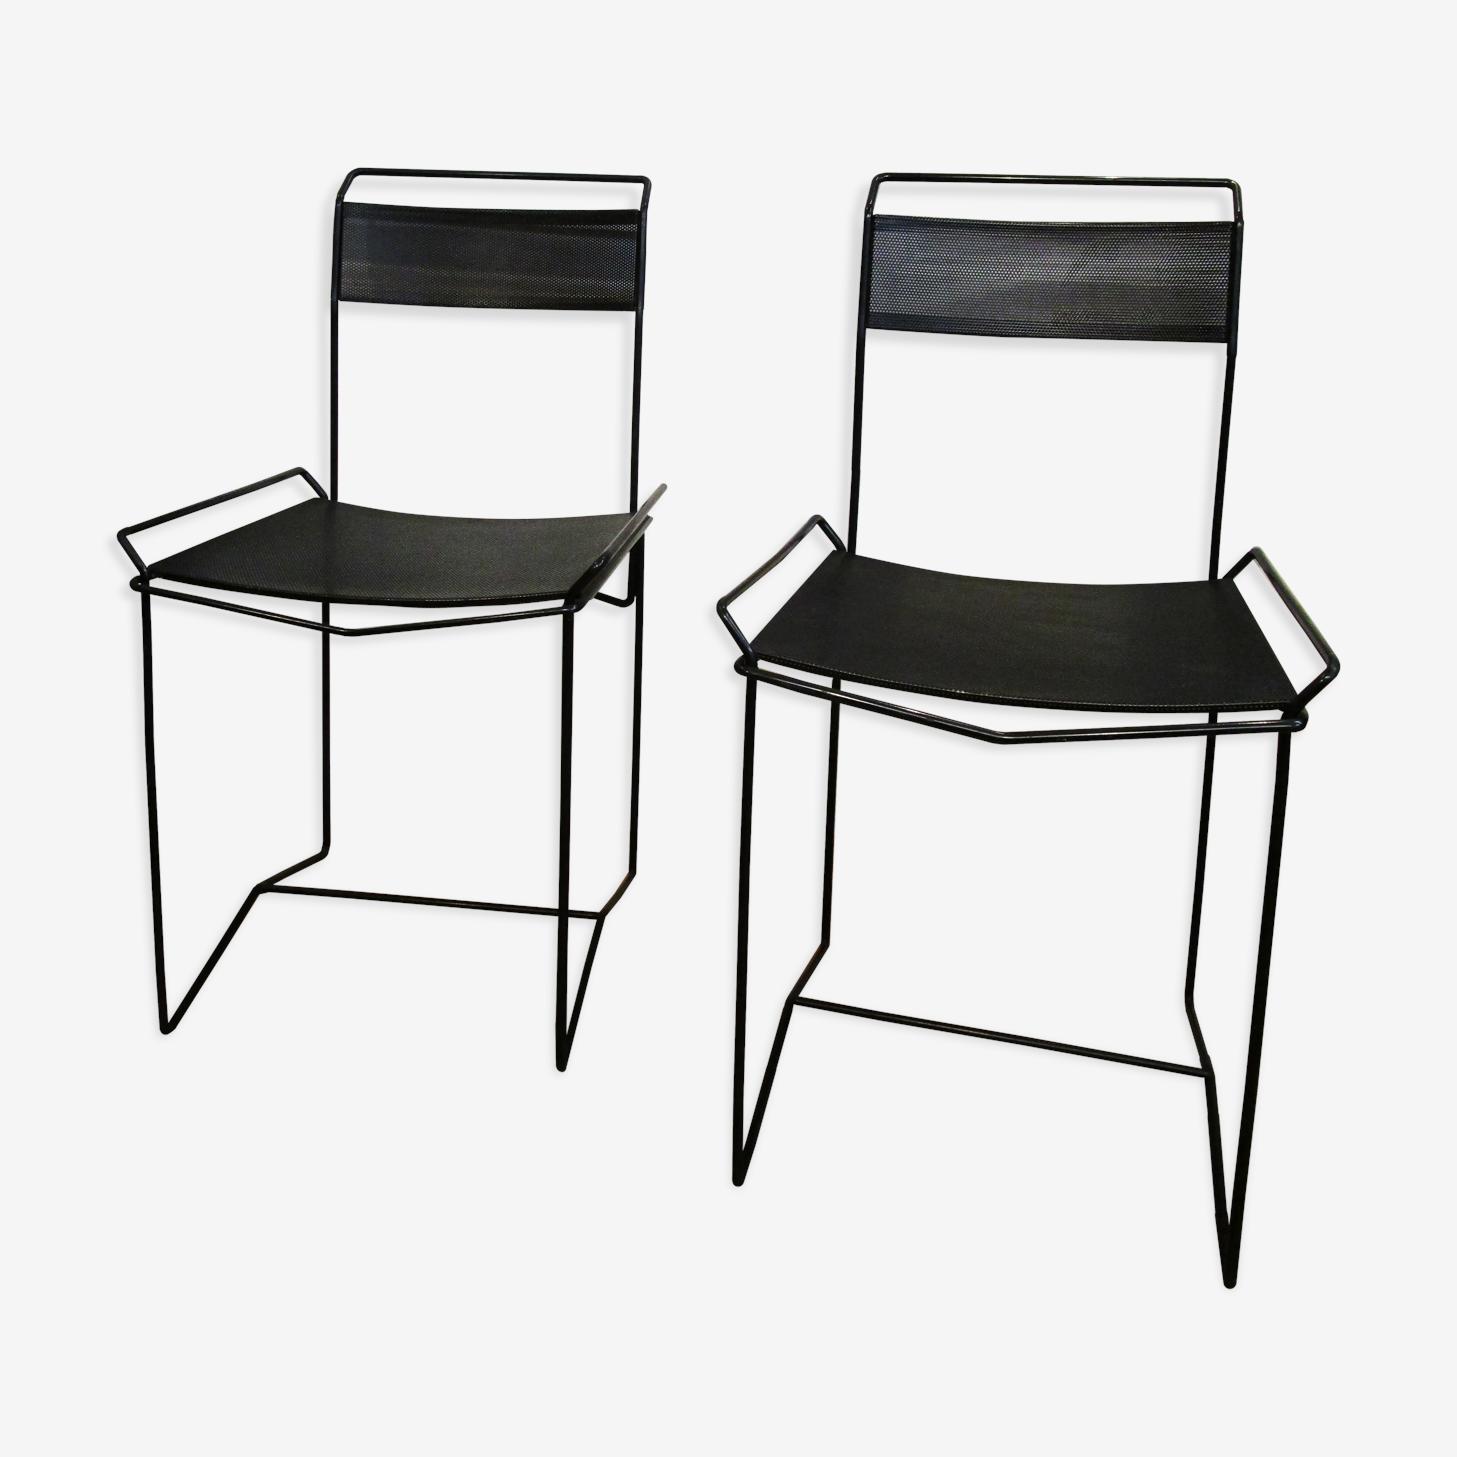 Pair of chairs perforated metal black vintage design